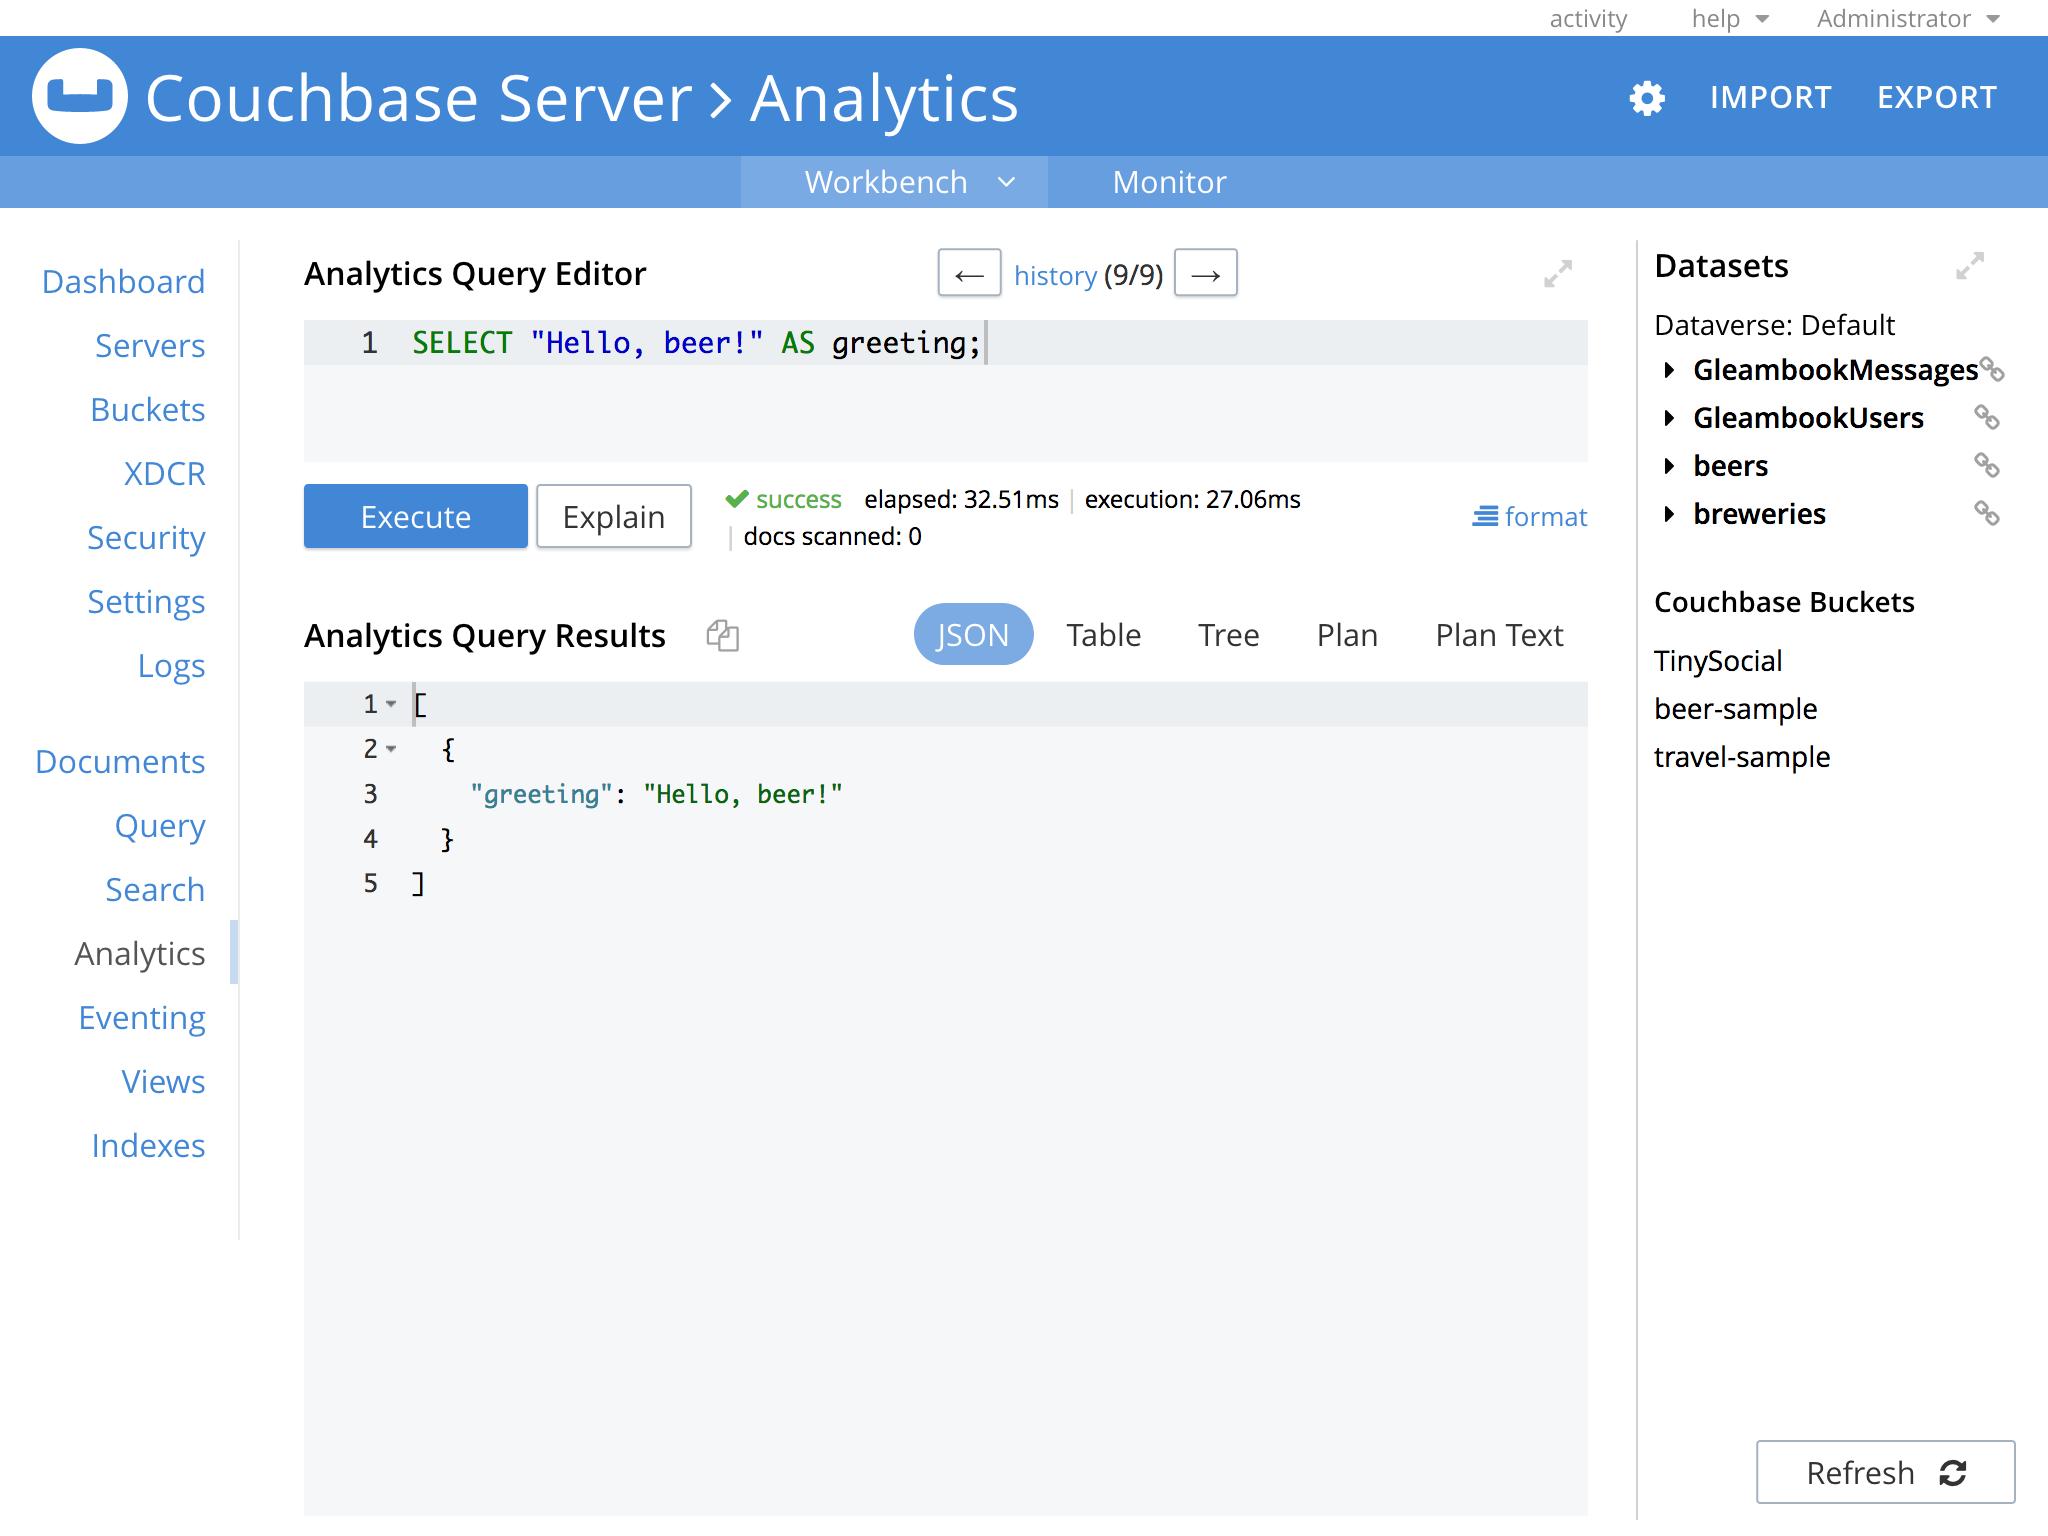 Couchbase Server Software - Couchbase Server analytics